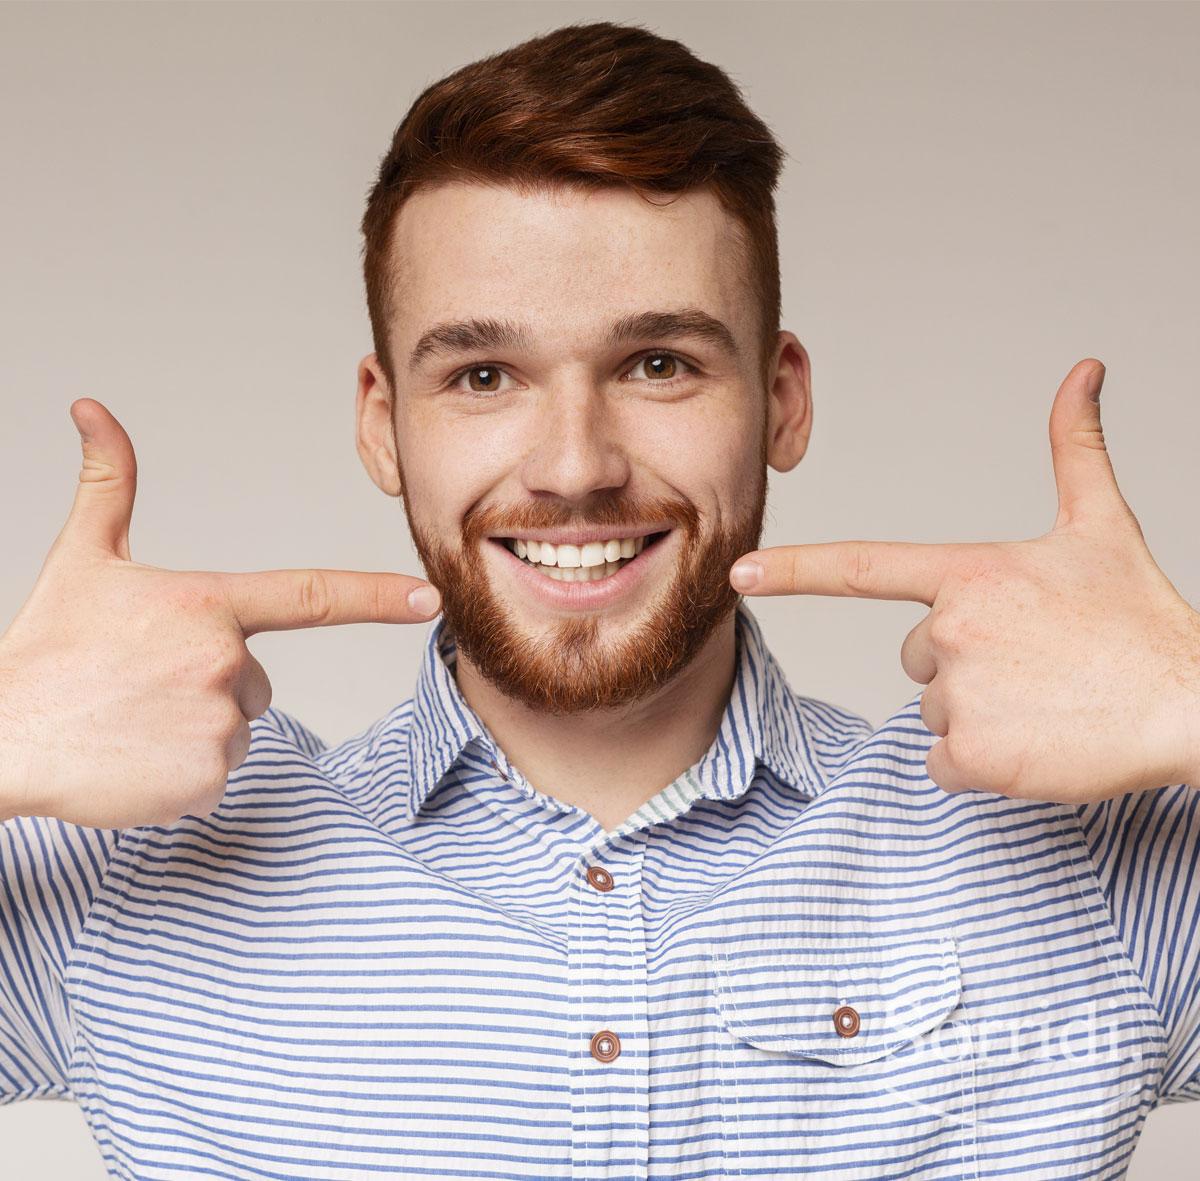 Sorridi-ch-magazine-vantaggi-delle-faccette-dentali